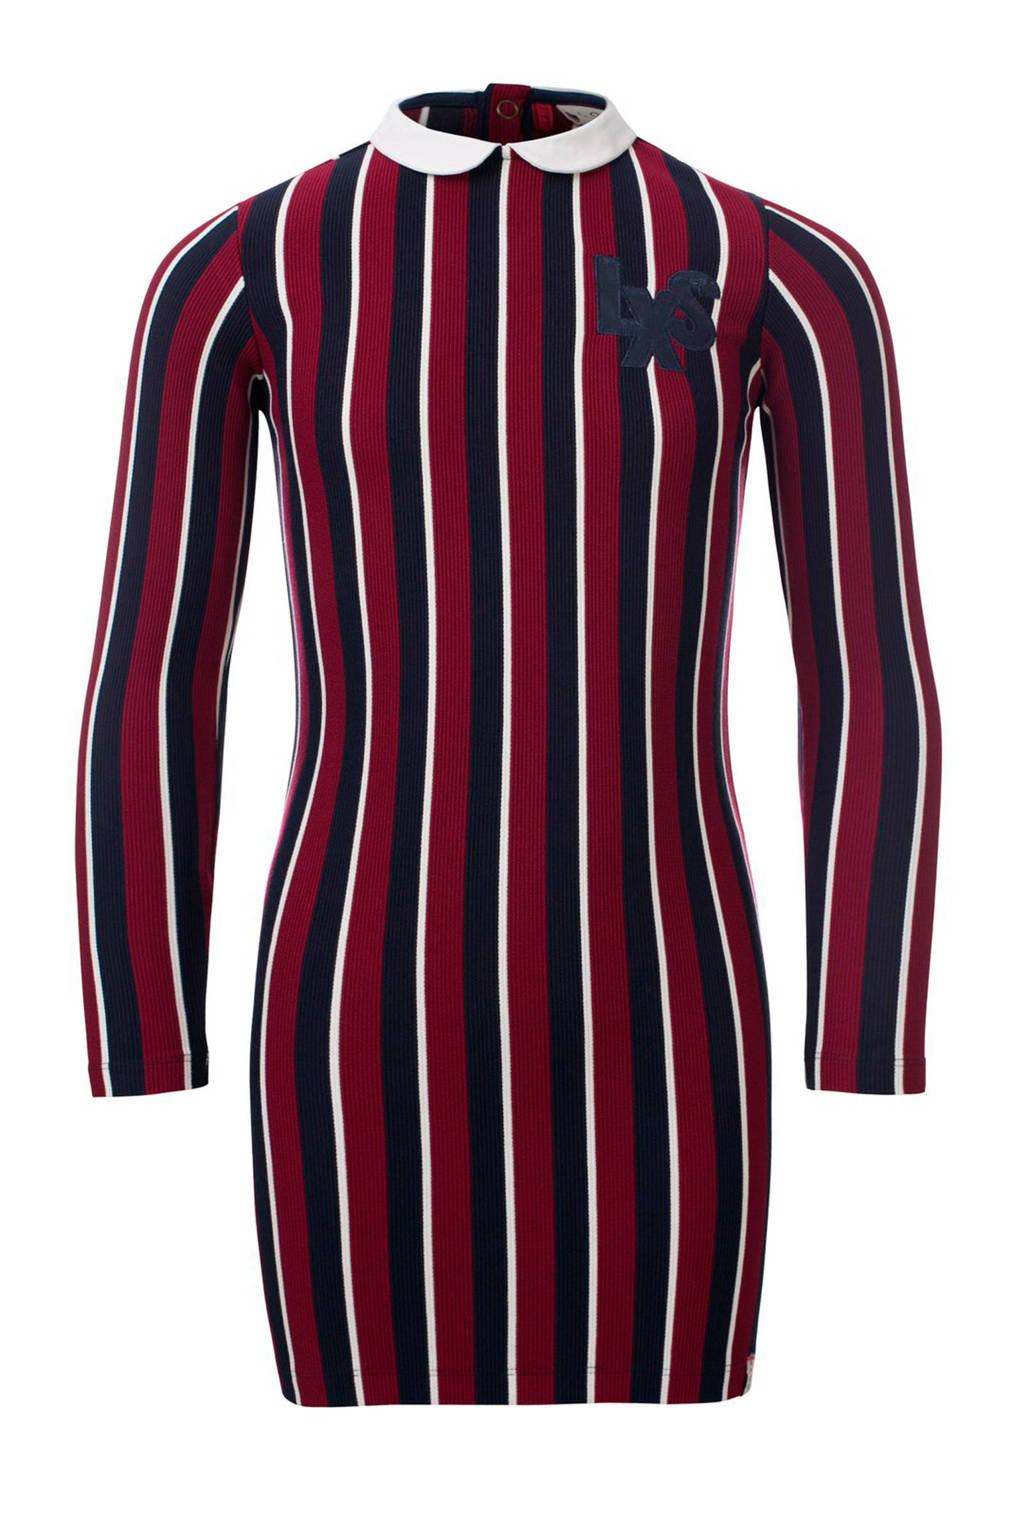 LOOXS gestreepte slim fit jurk donkerrood/donkerblauw/wit, Donkerrood/donkerblauw/wit